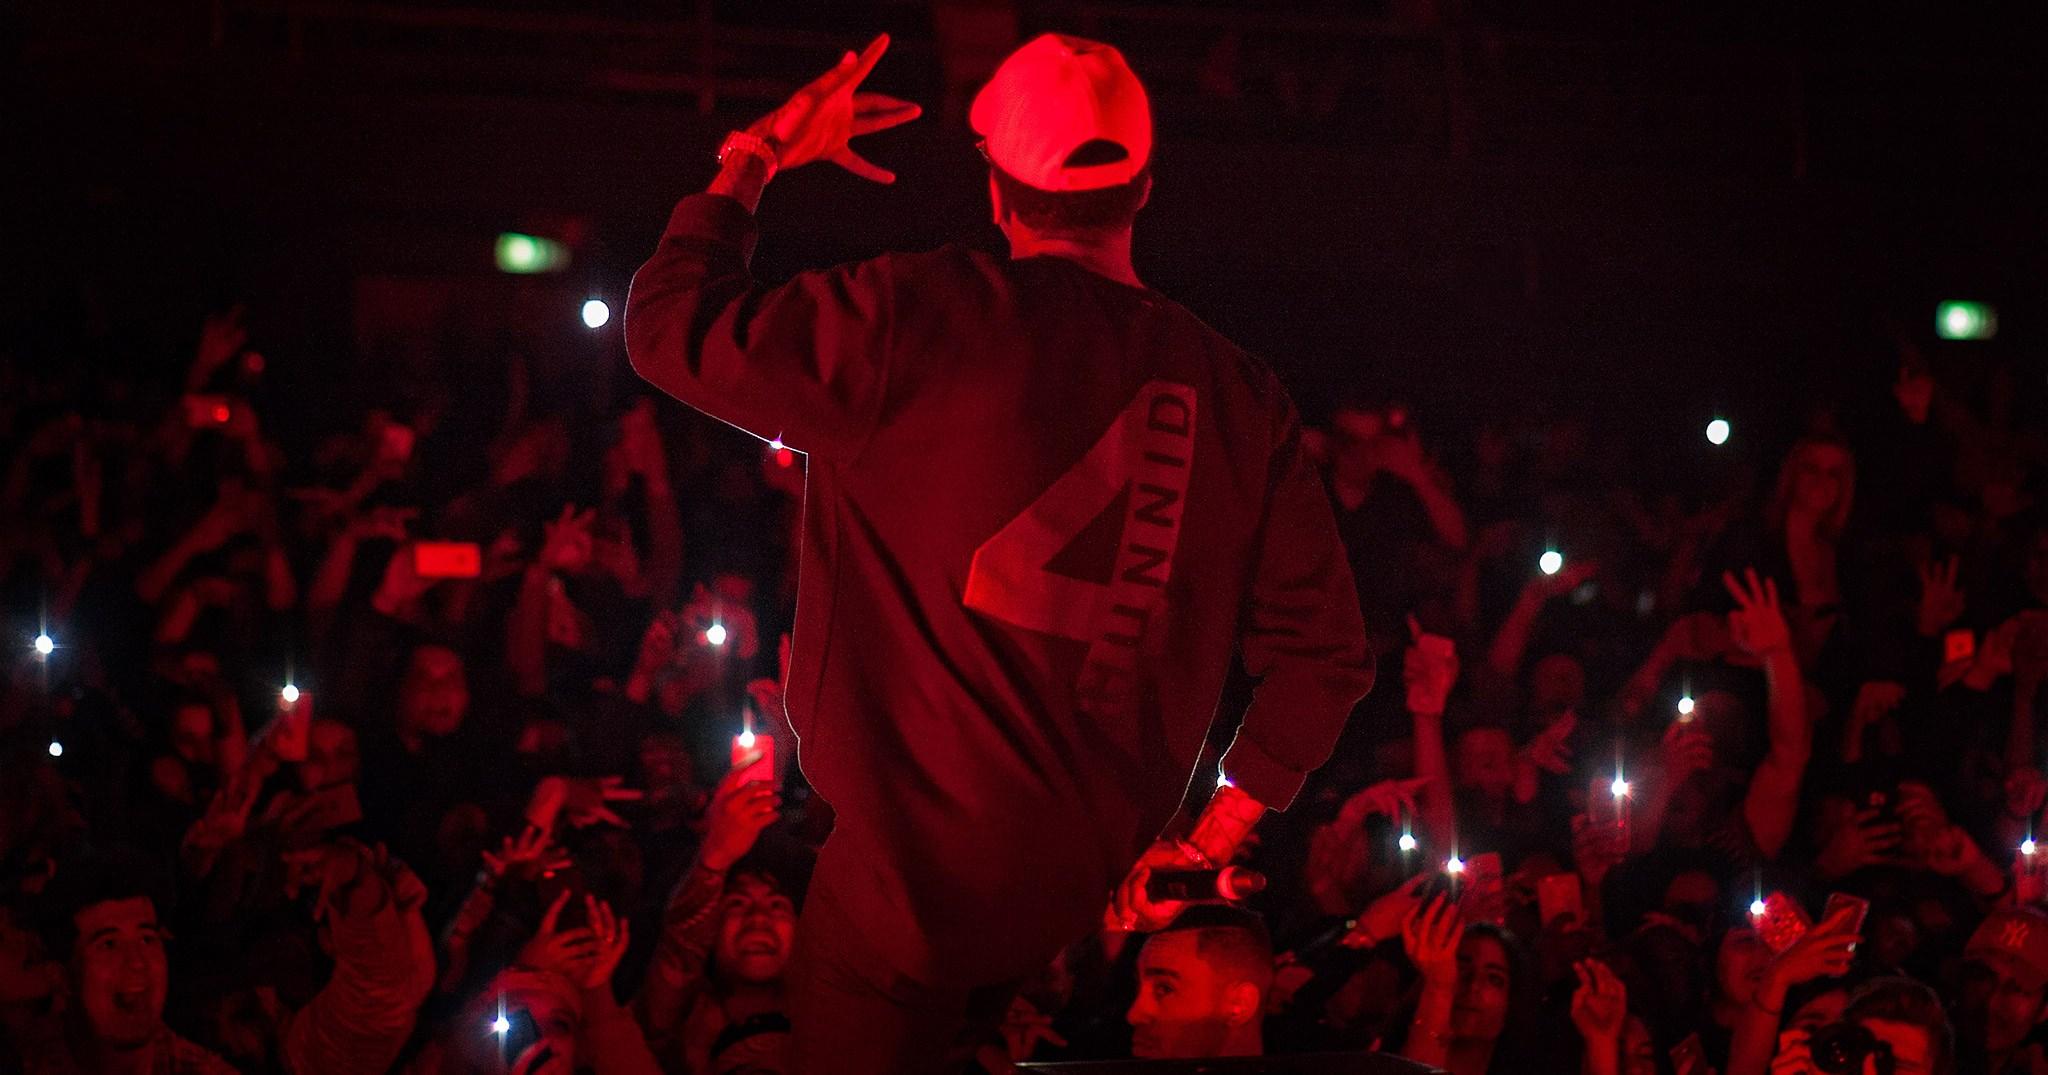 5dd8c51cb0d459 Już 5 grudnia po raz pierwszy do Polski zawita najbardziej wierny czerwieni  reprezentant zachodniego wybrzeża, YG! Young Gangsta zagra w warszawskiej  ...